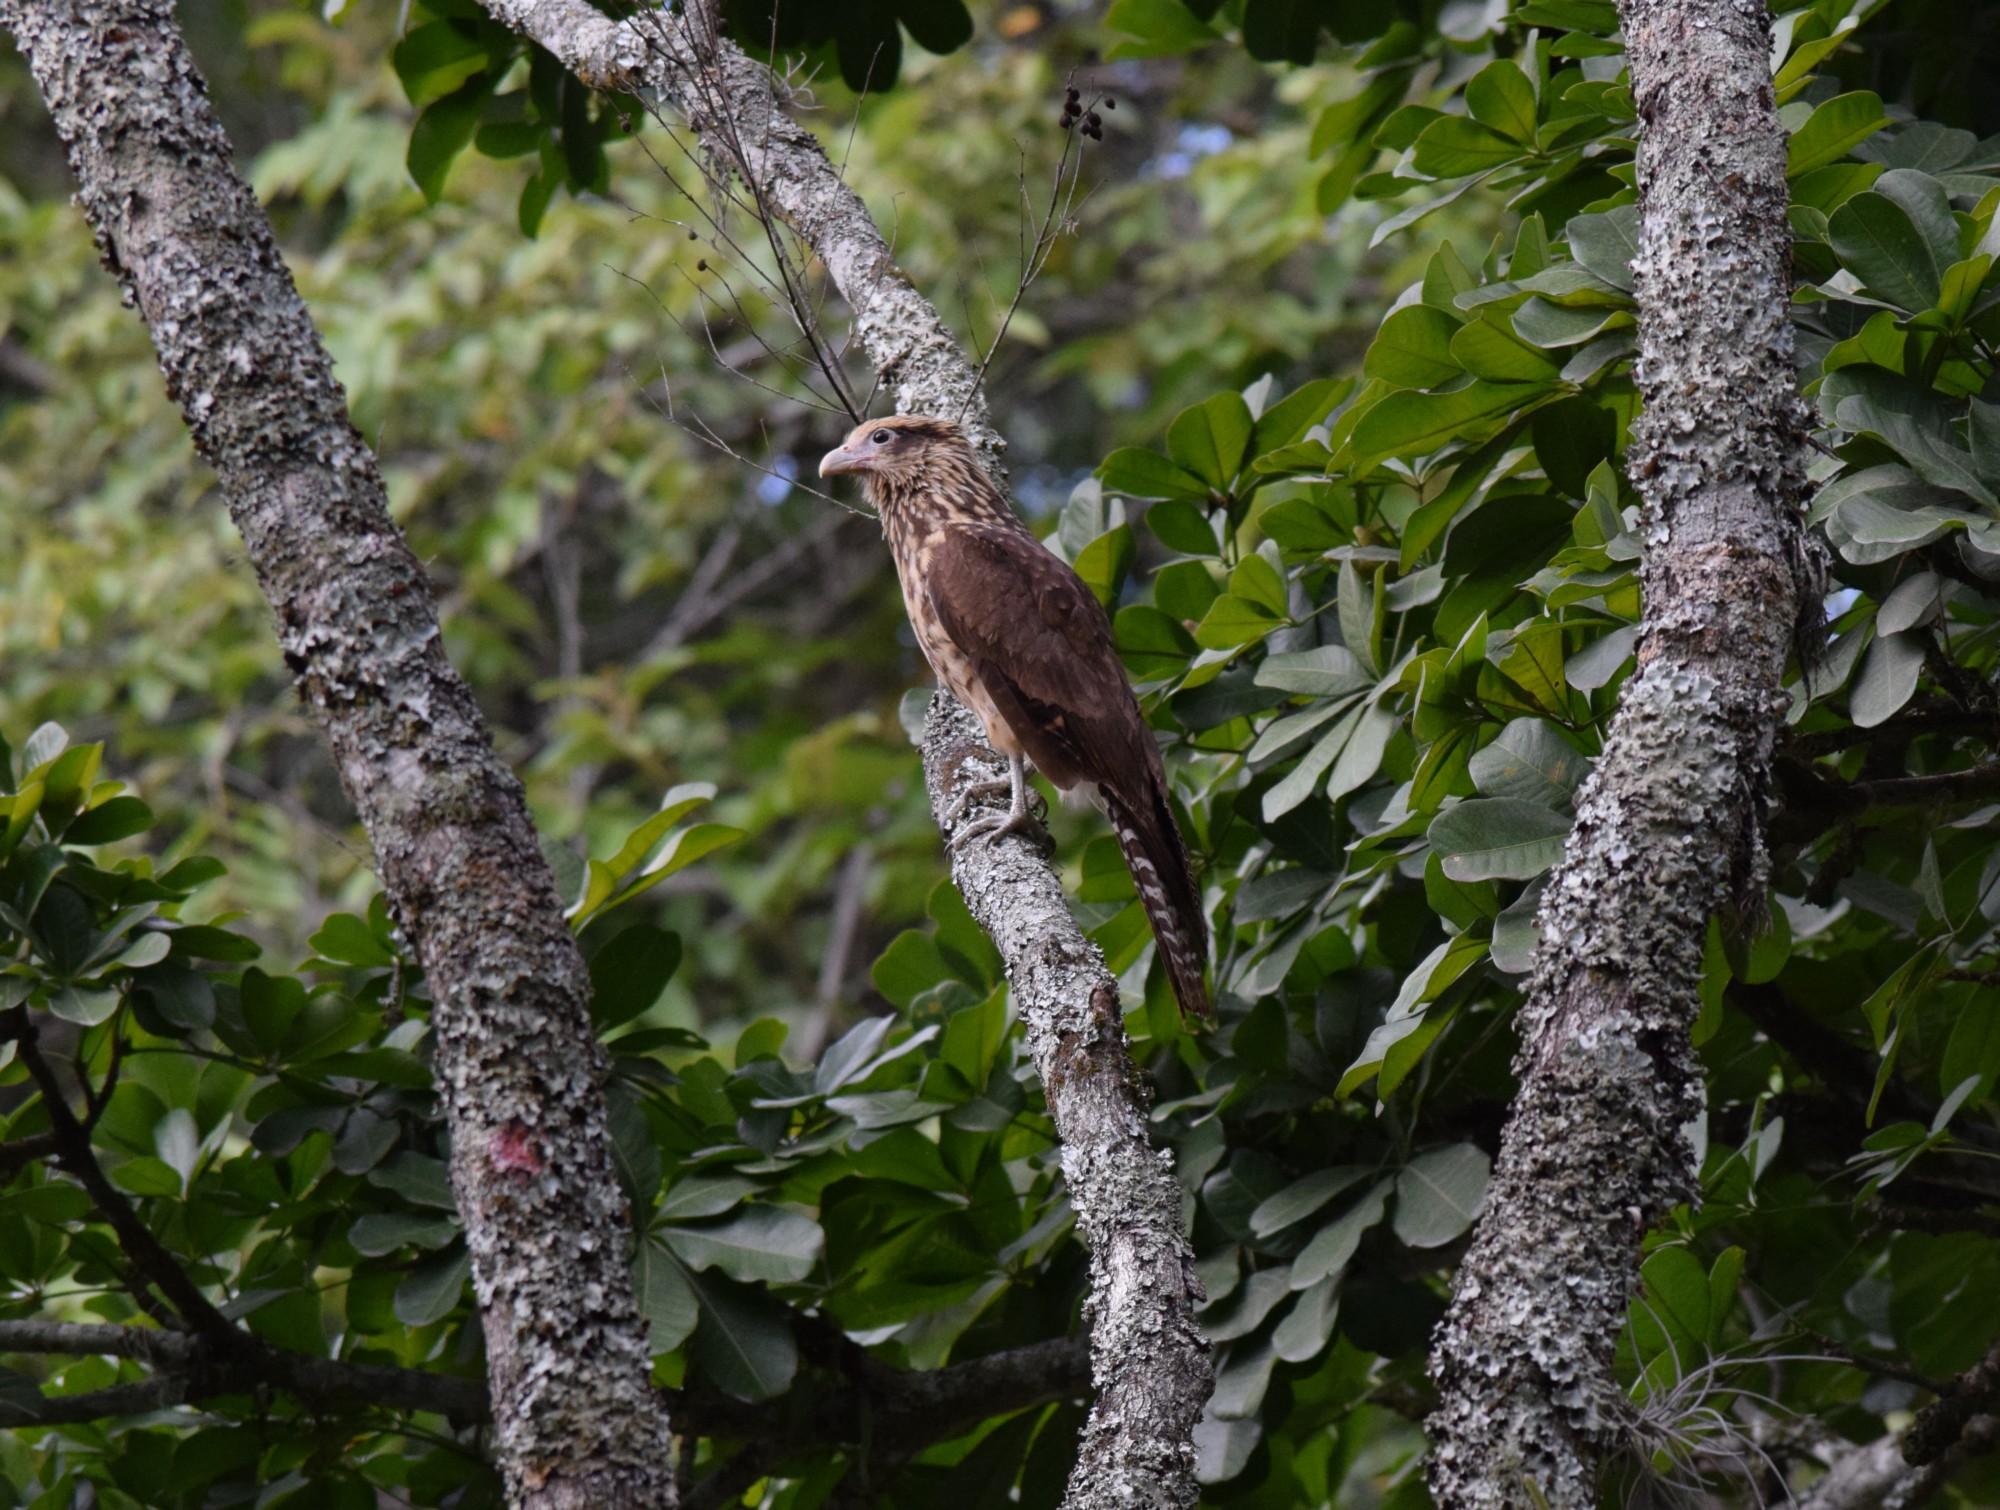 Falcon at Jardín Botánico, Tuluá, Valle del Cauca—Colombia